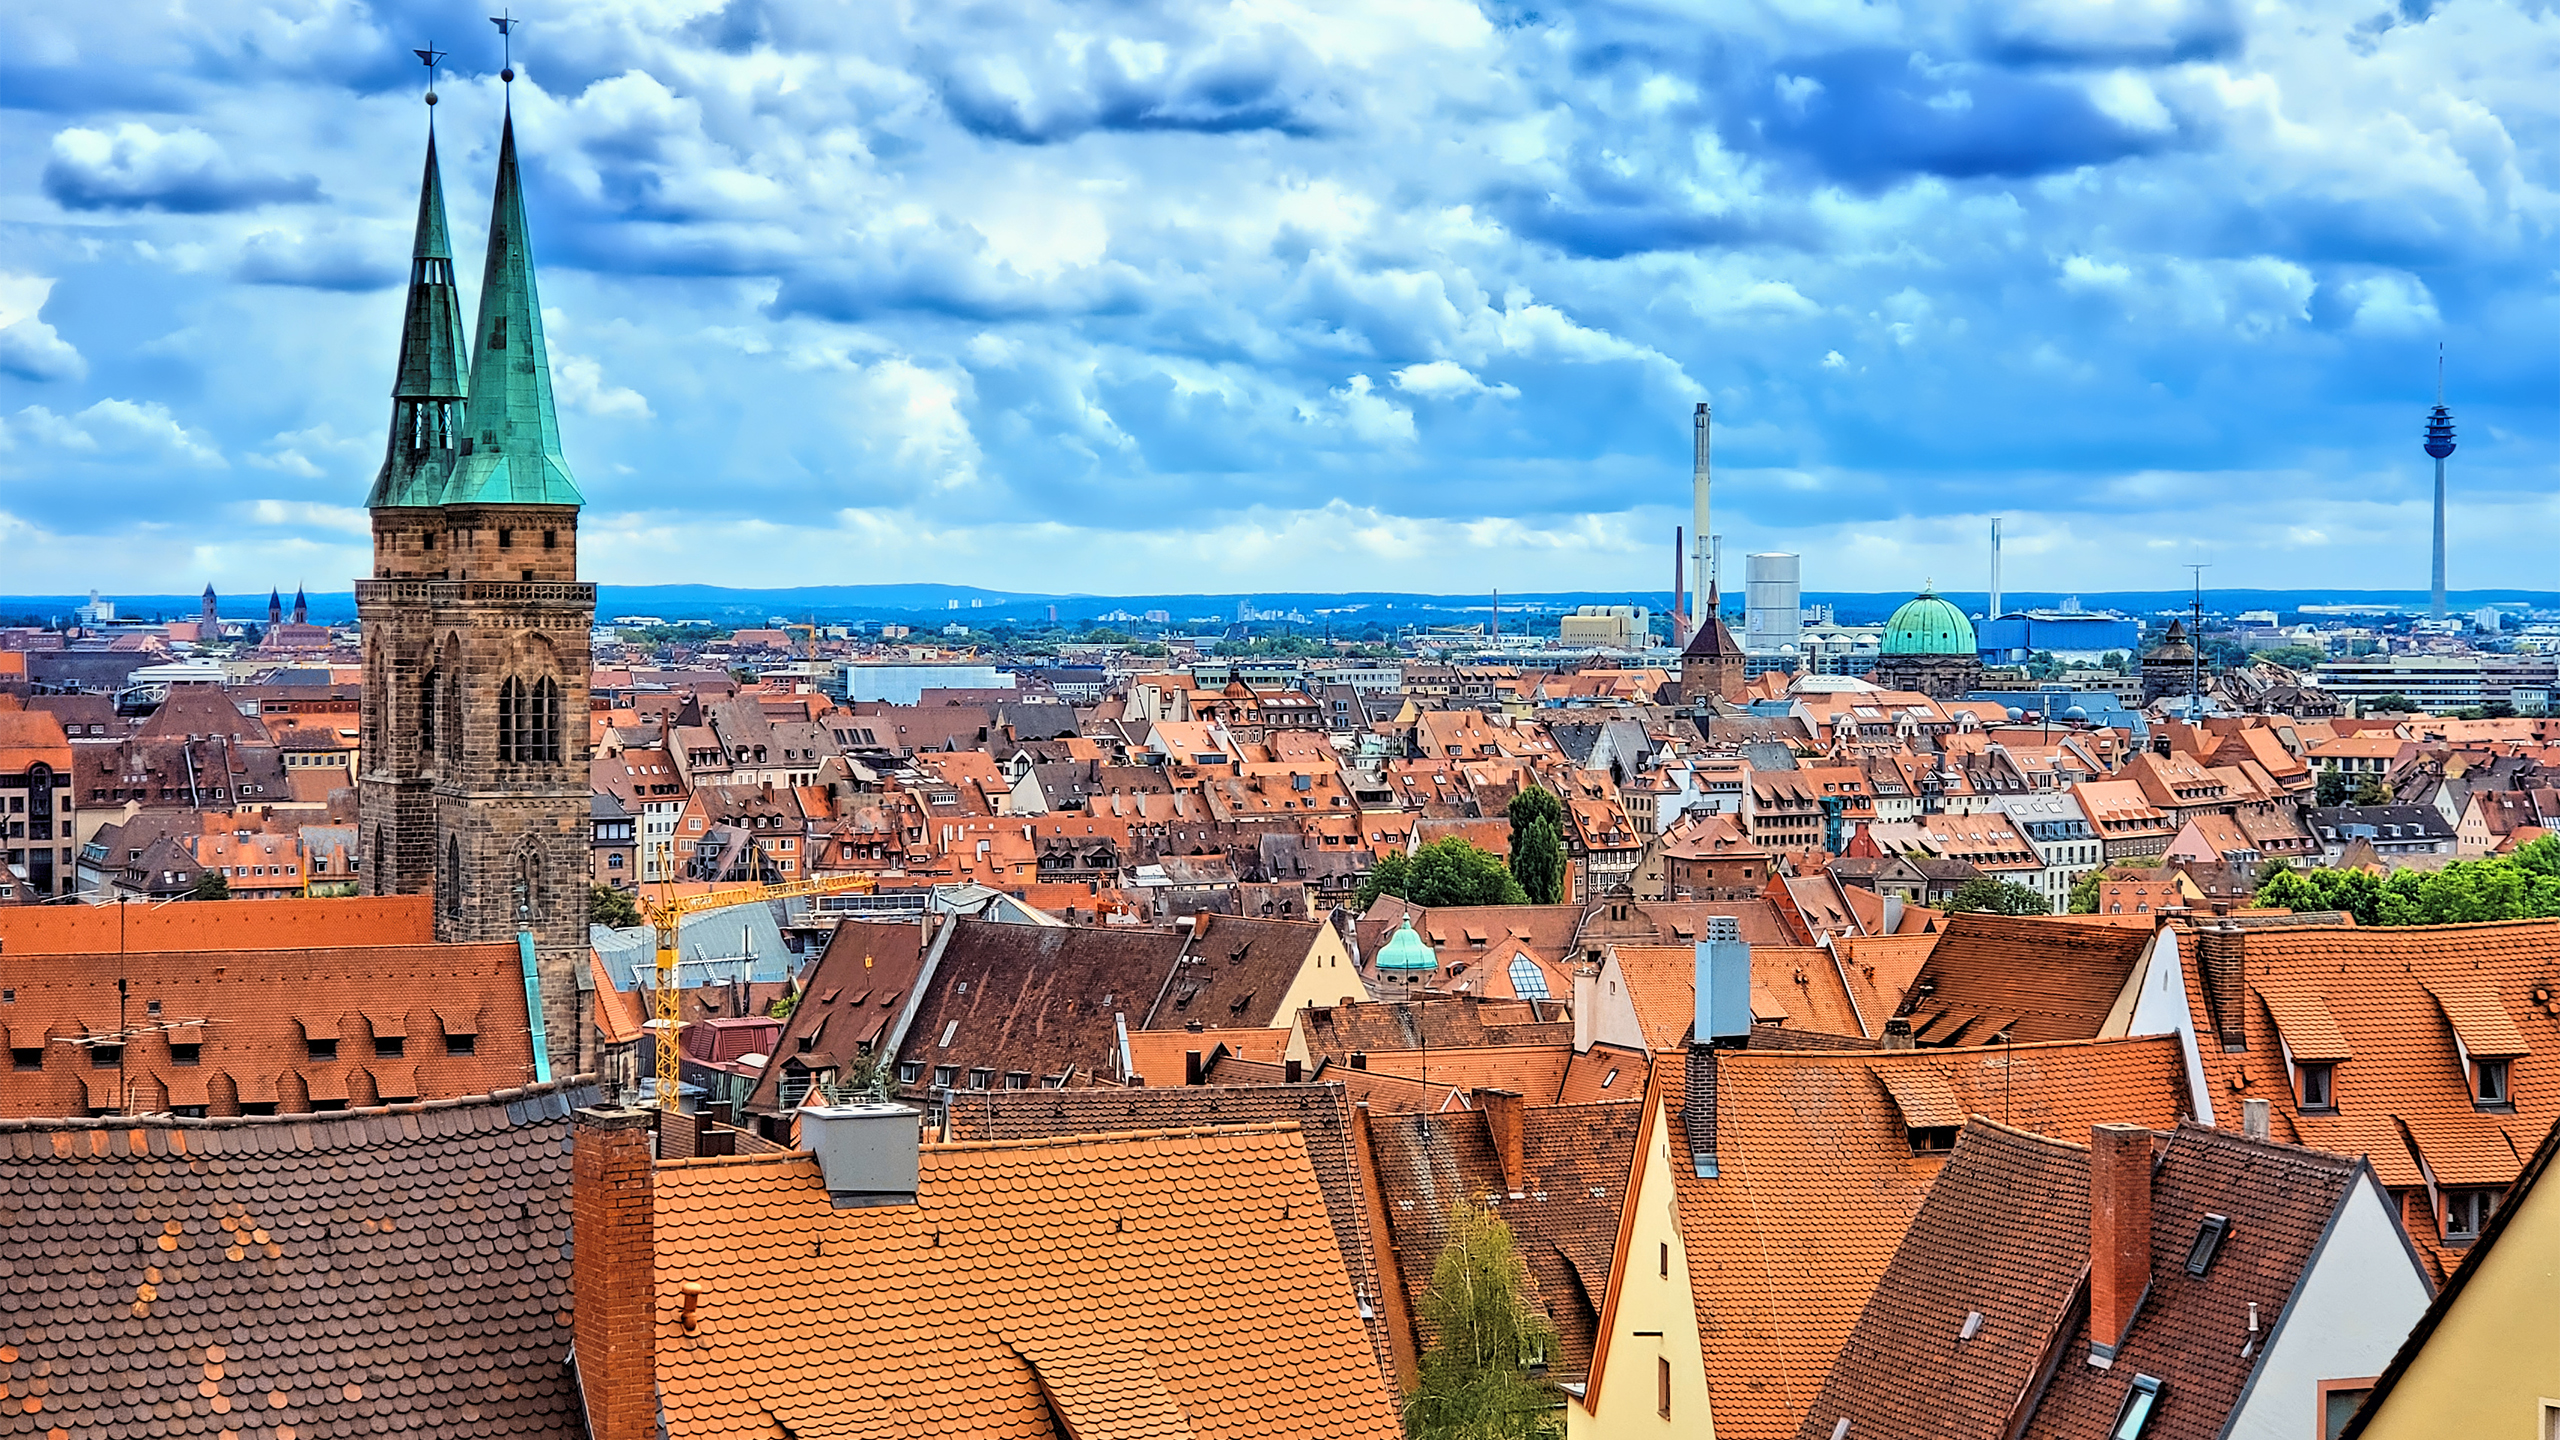 Die historische Altstadt in Nürnberg